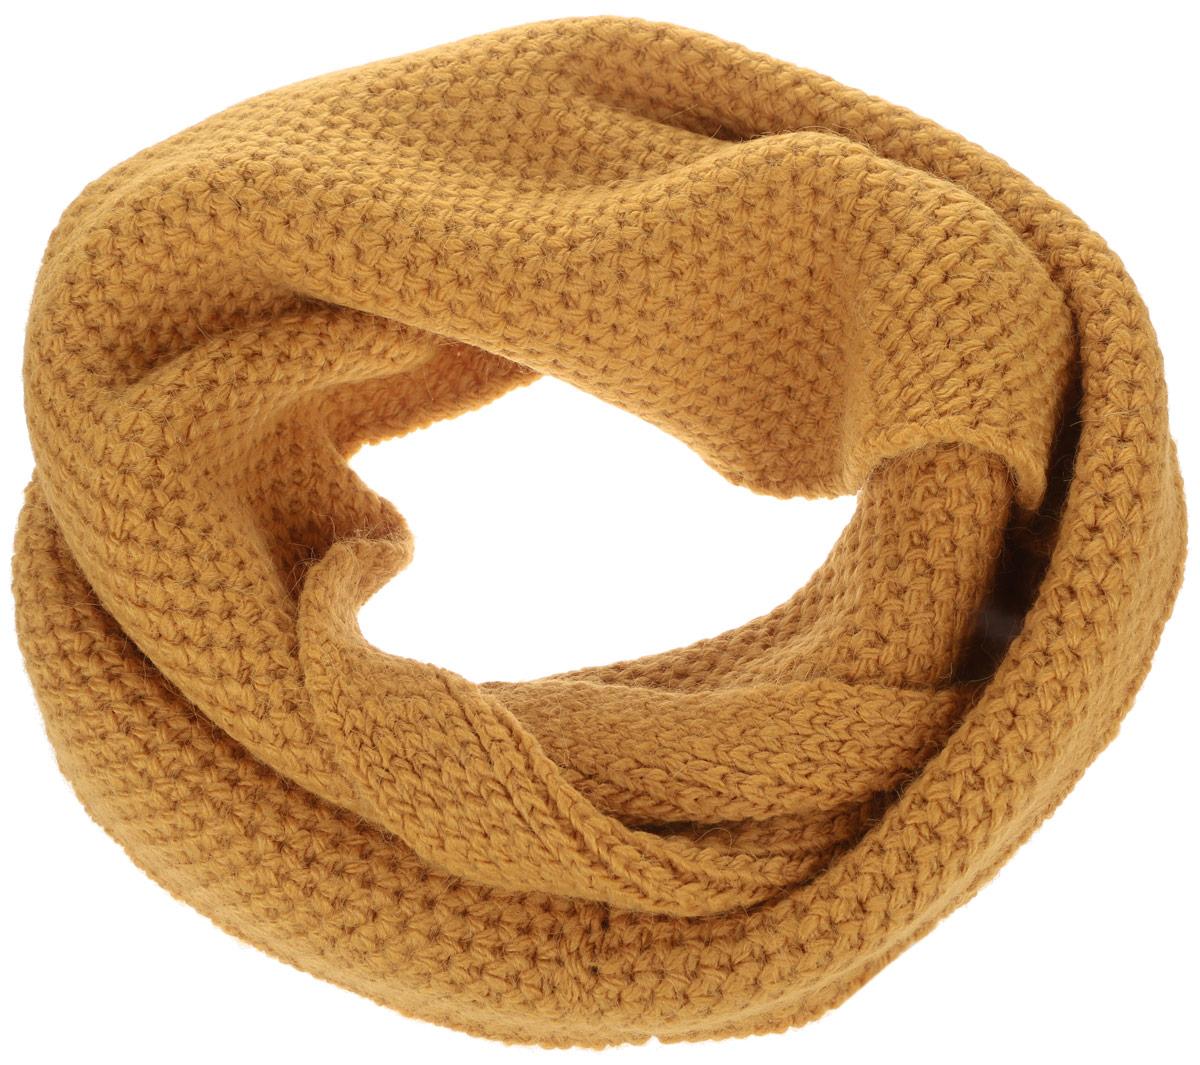 Снуд-хомутB333Стильный снуд-хомут Baon, выполненный из акрила с добавлением полиамида и эластана, создан подчеркнуть ваш неординарный вкус и согреть вас в прохладное время года. Снуд - это объемный шарф, связанный по кругу, который можно носить не только на шее, но и как головной убор. Этот модный аксессуар гармонично дополнит образ современной женщины, следящей за своим имиджем и стремящейся всегда оставаться стильной и элегантной.